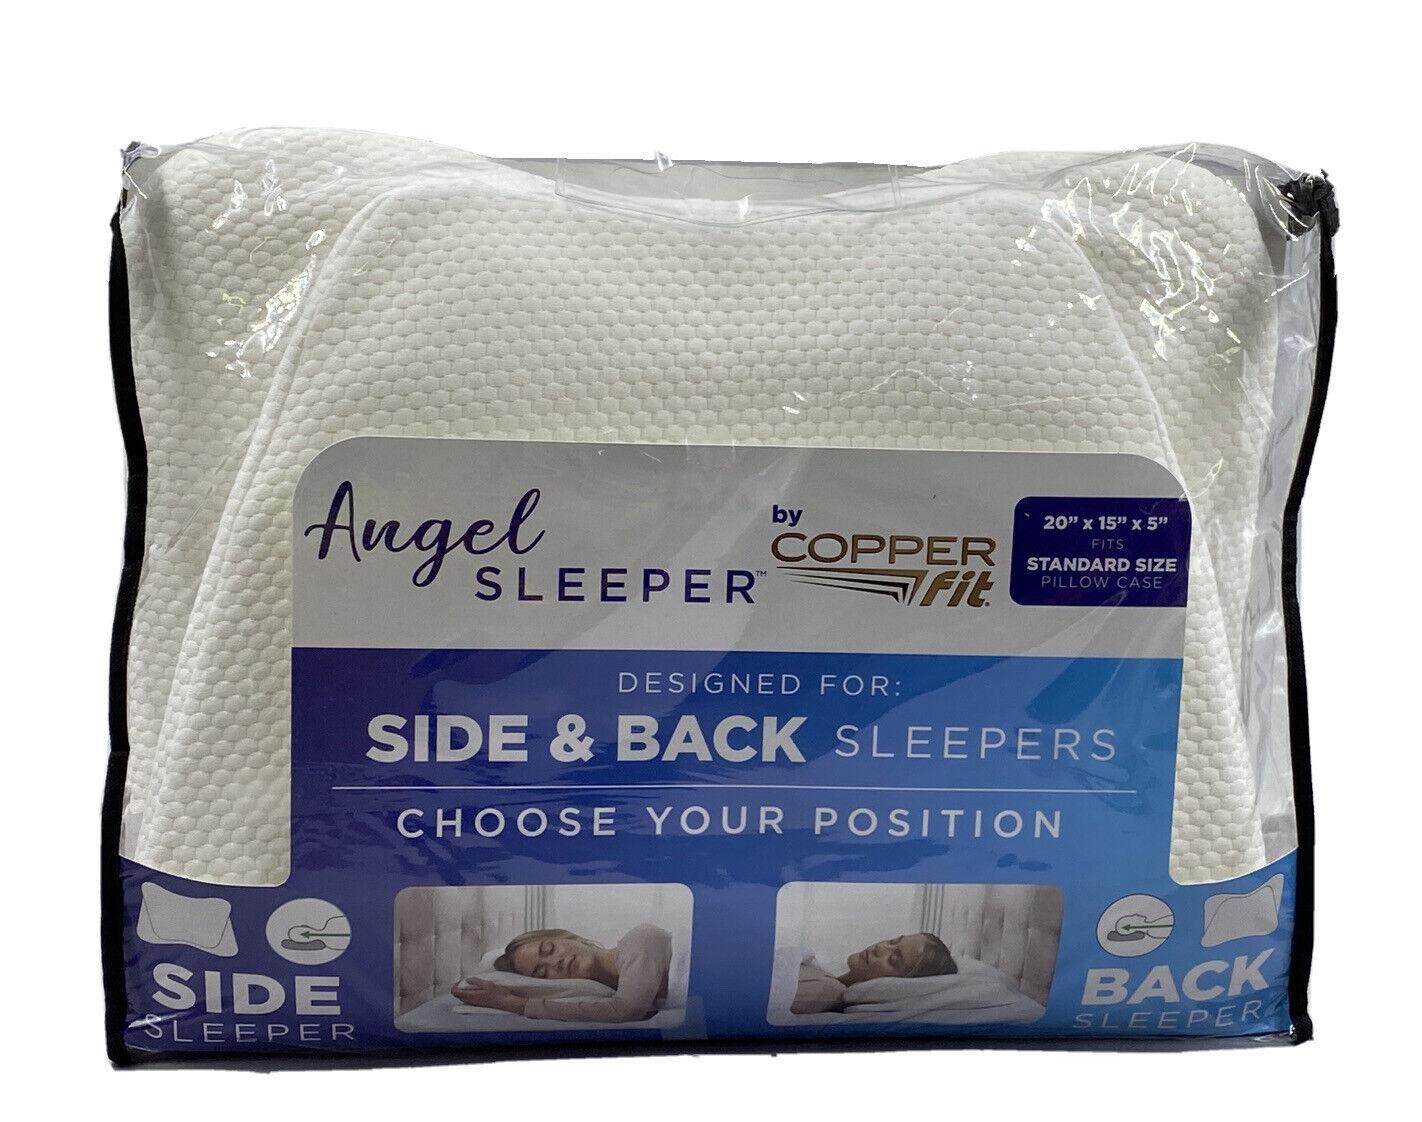 Image 1 - Copper-Fit-Angel-Sleeper-Memory-Foam-Pillow